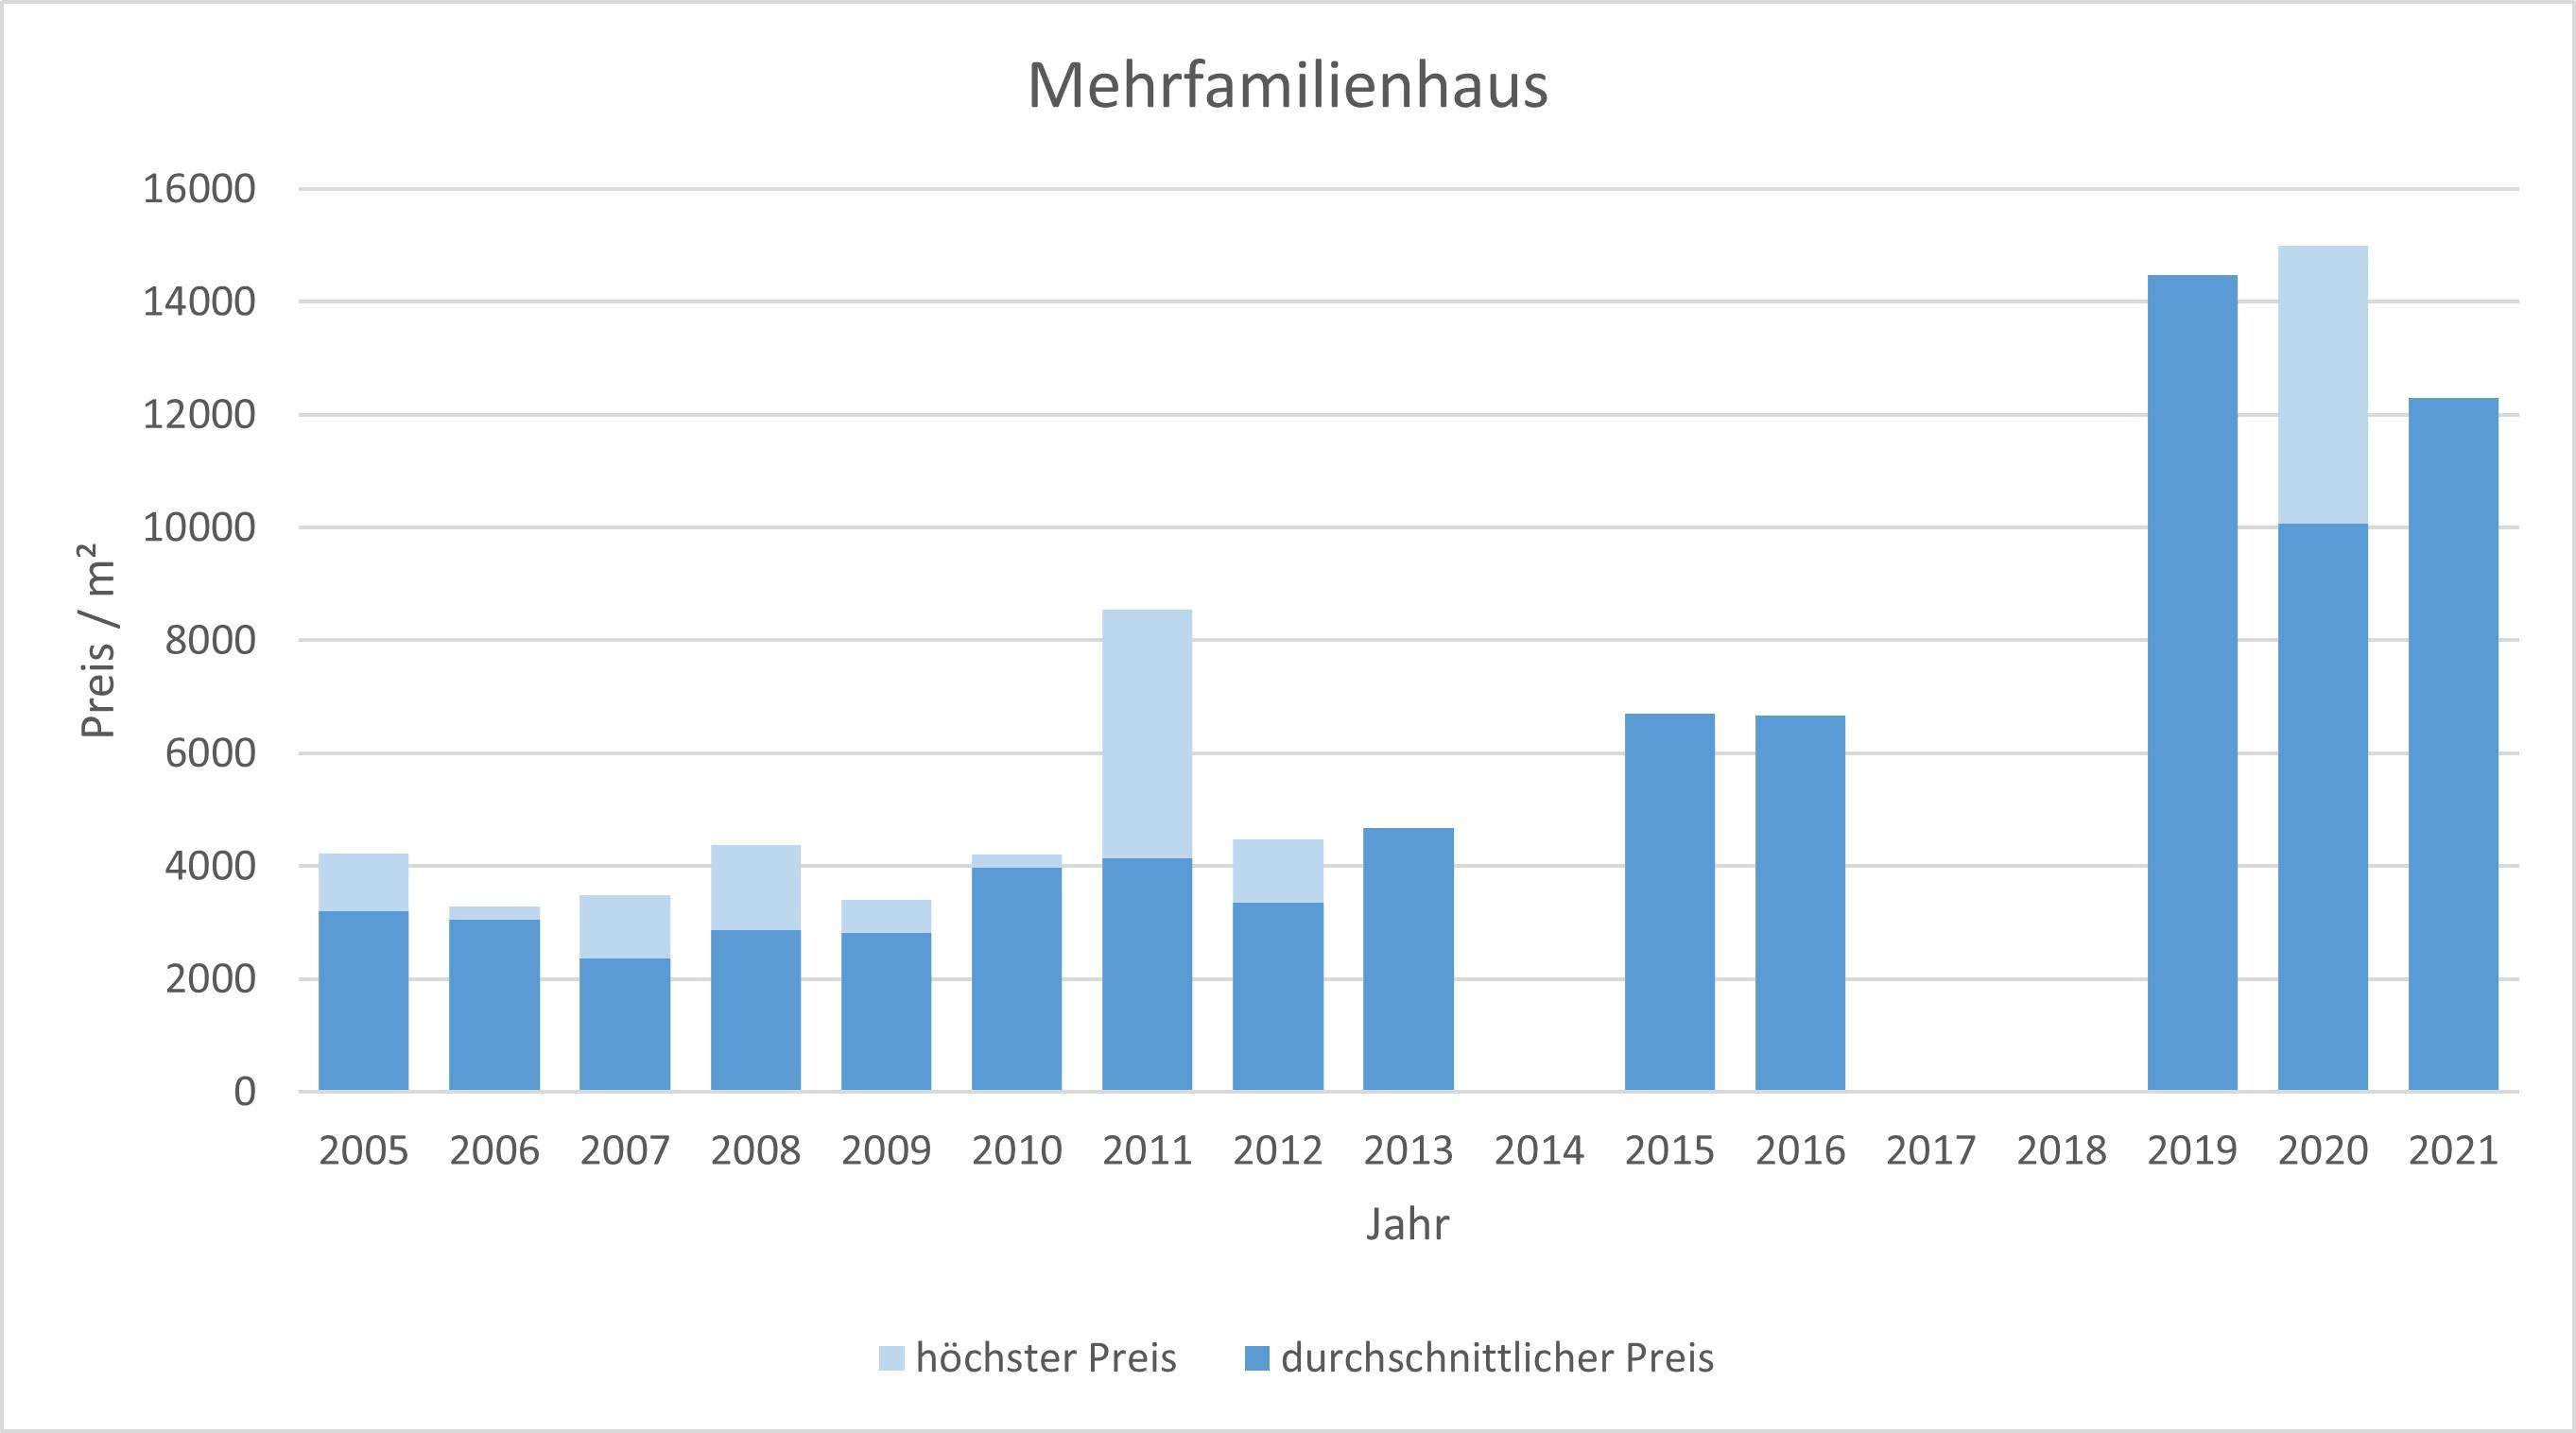 München - Waldtrudering Mehrfamilienhaus kaufen verkaufen Preis Bewertung Makler www.happy-immo.de